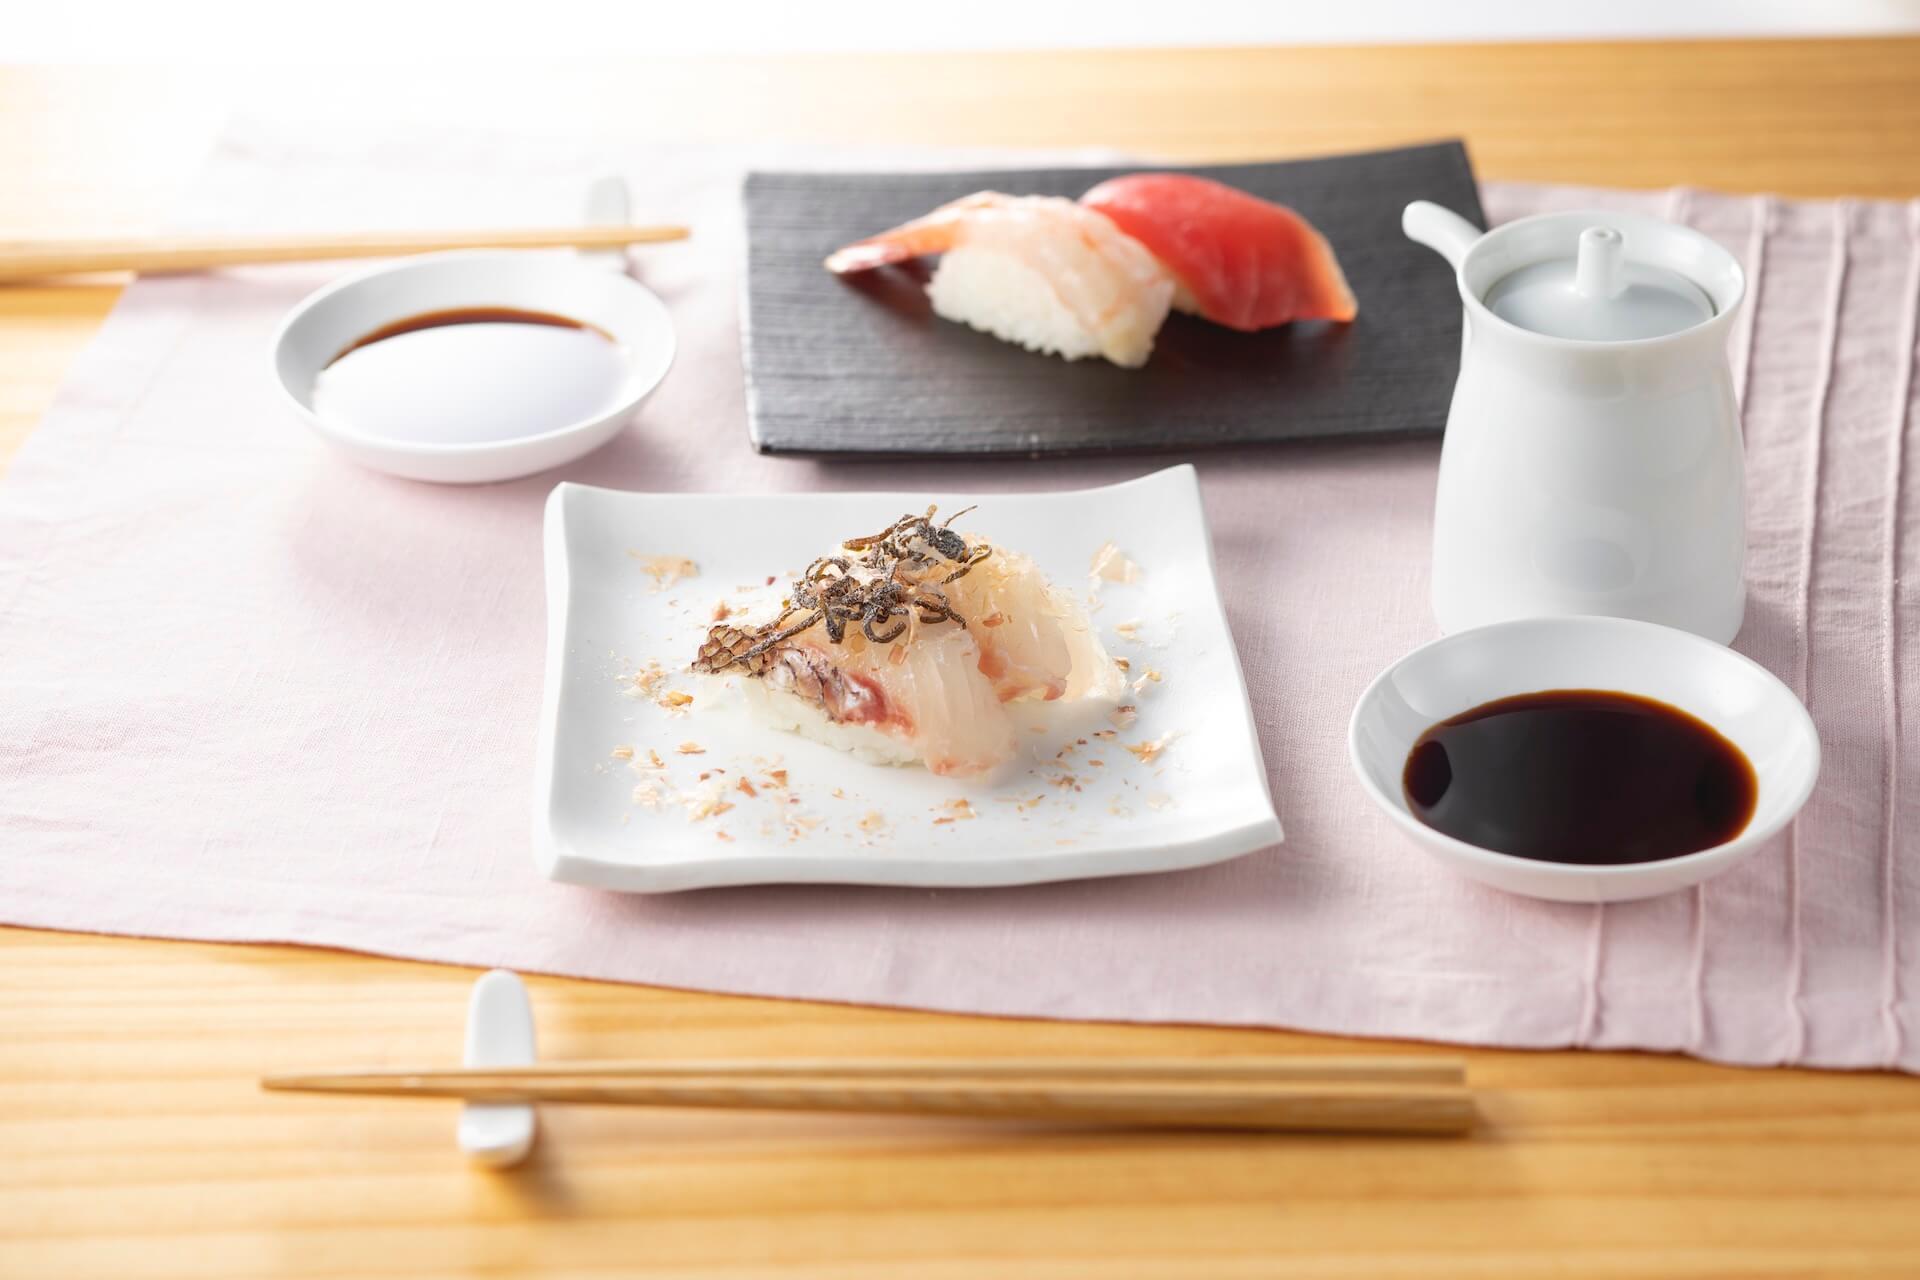 おうちで手作りはま寿司を楽しもう!人気・贅沢ネタ11種としゃり30貫がセットになった「おうちではま寿司セット」が登場 gourmet_200424_hamazushi_05